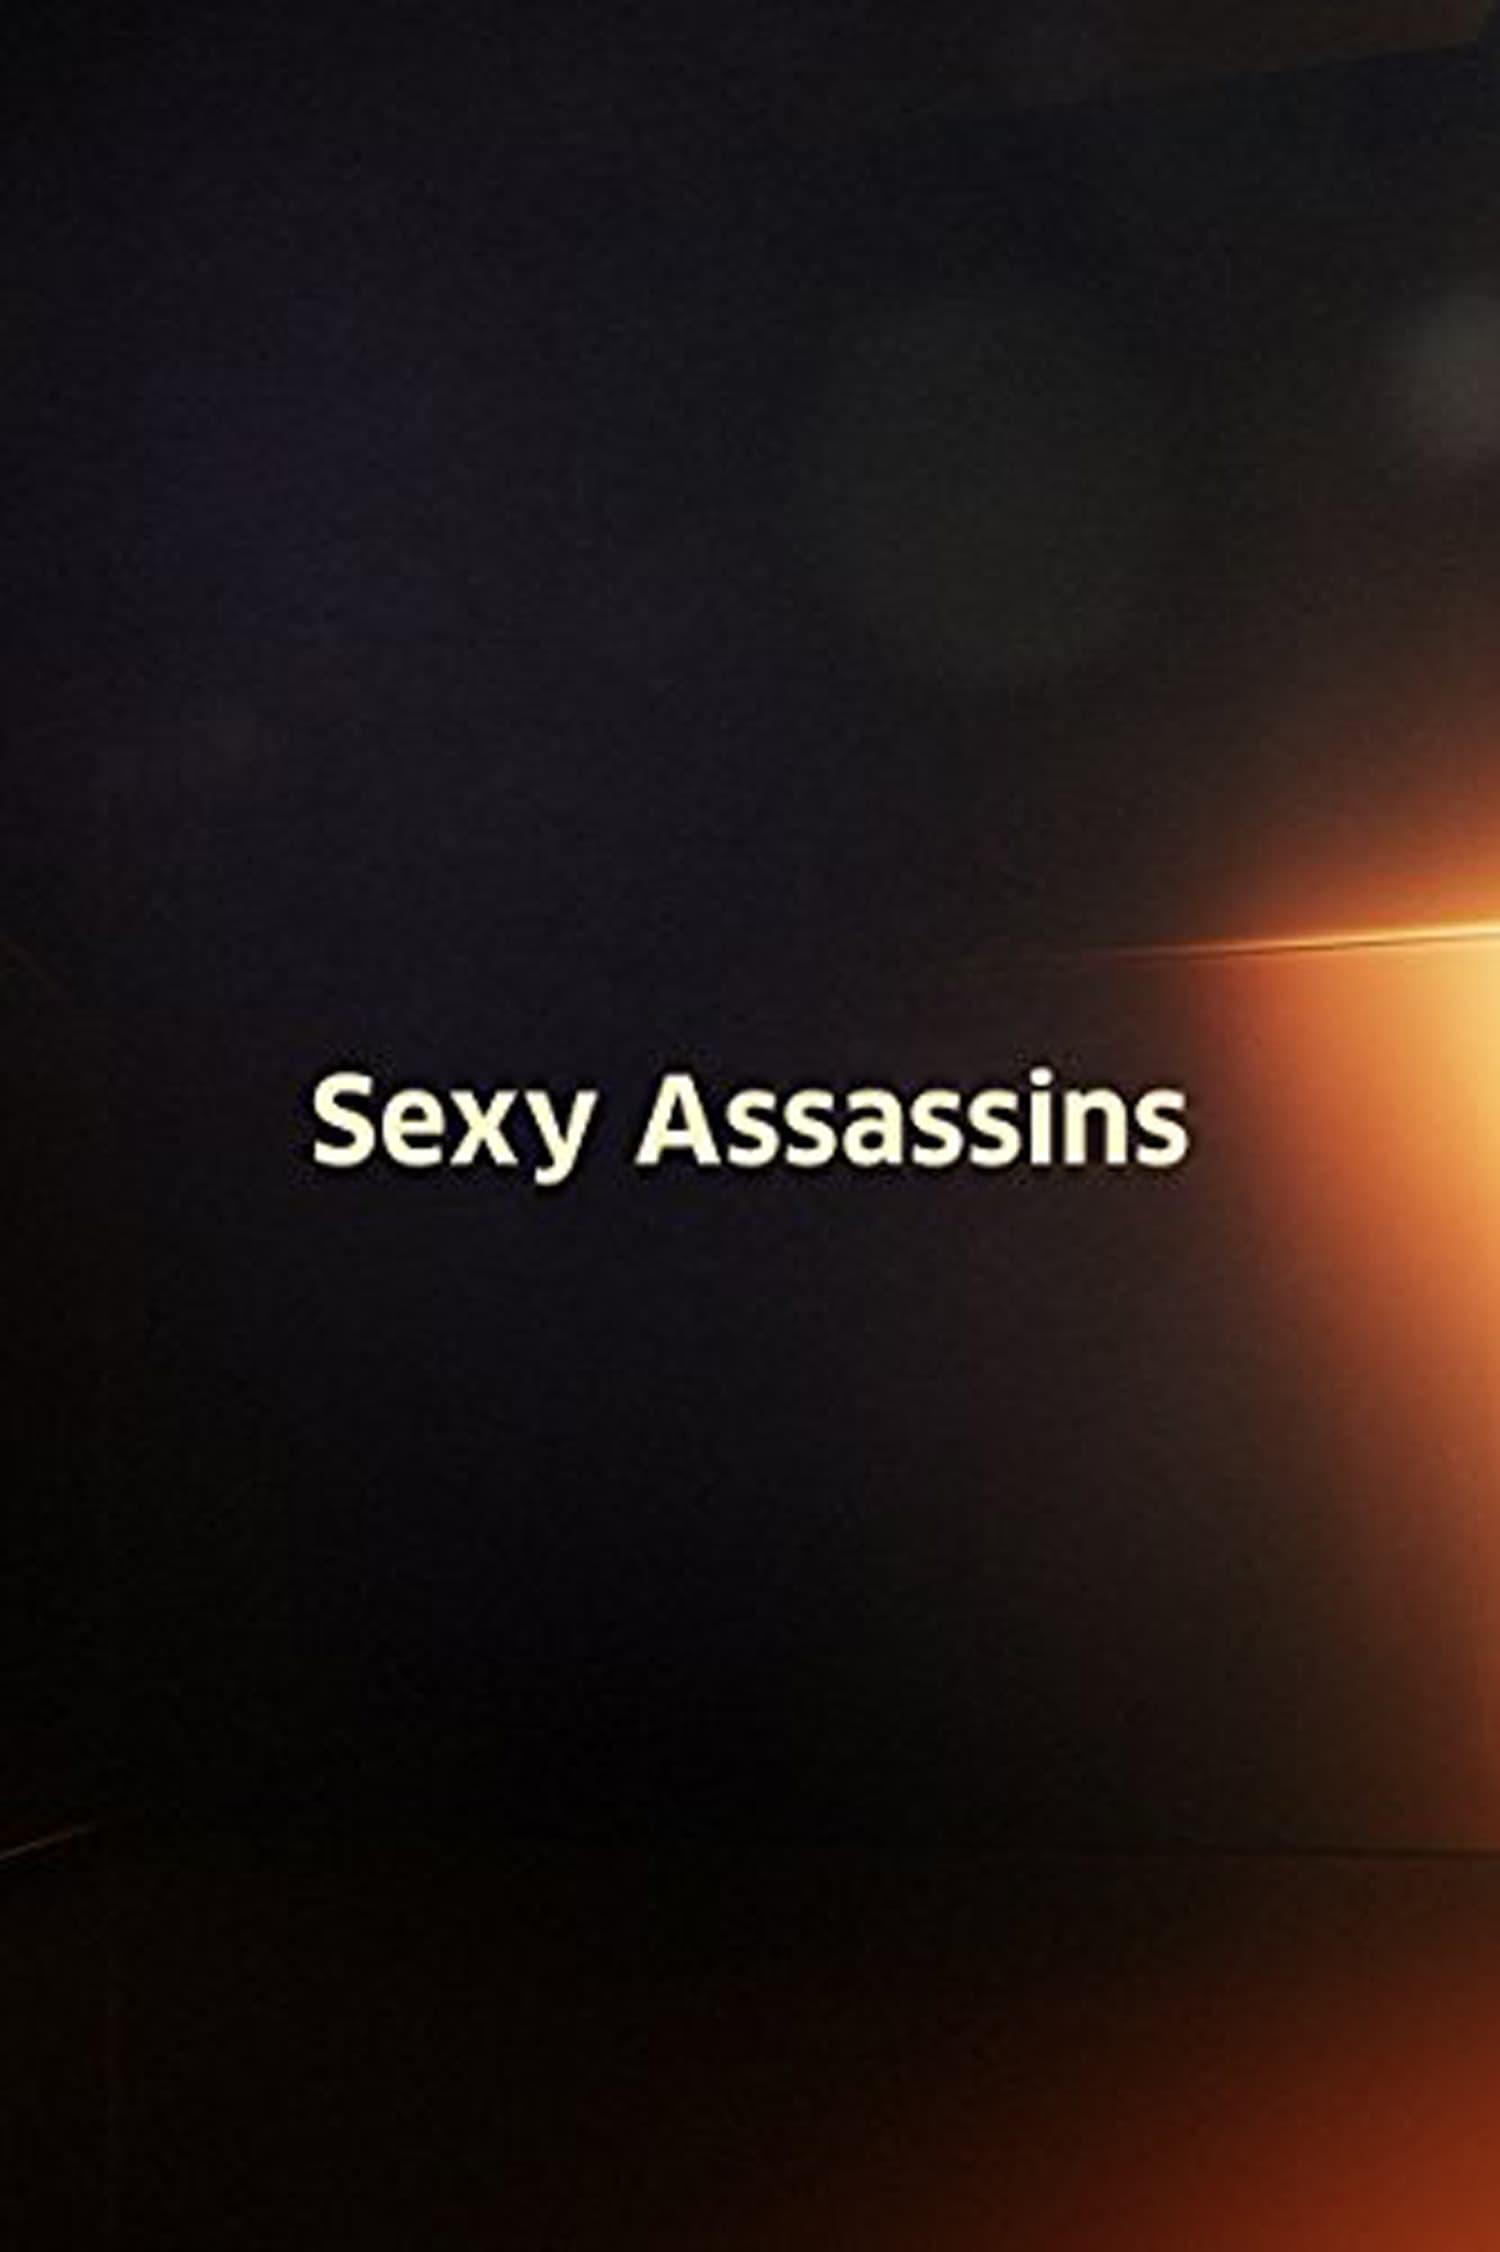 Sexy Assassins